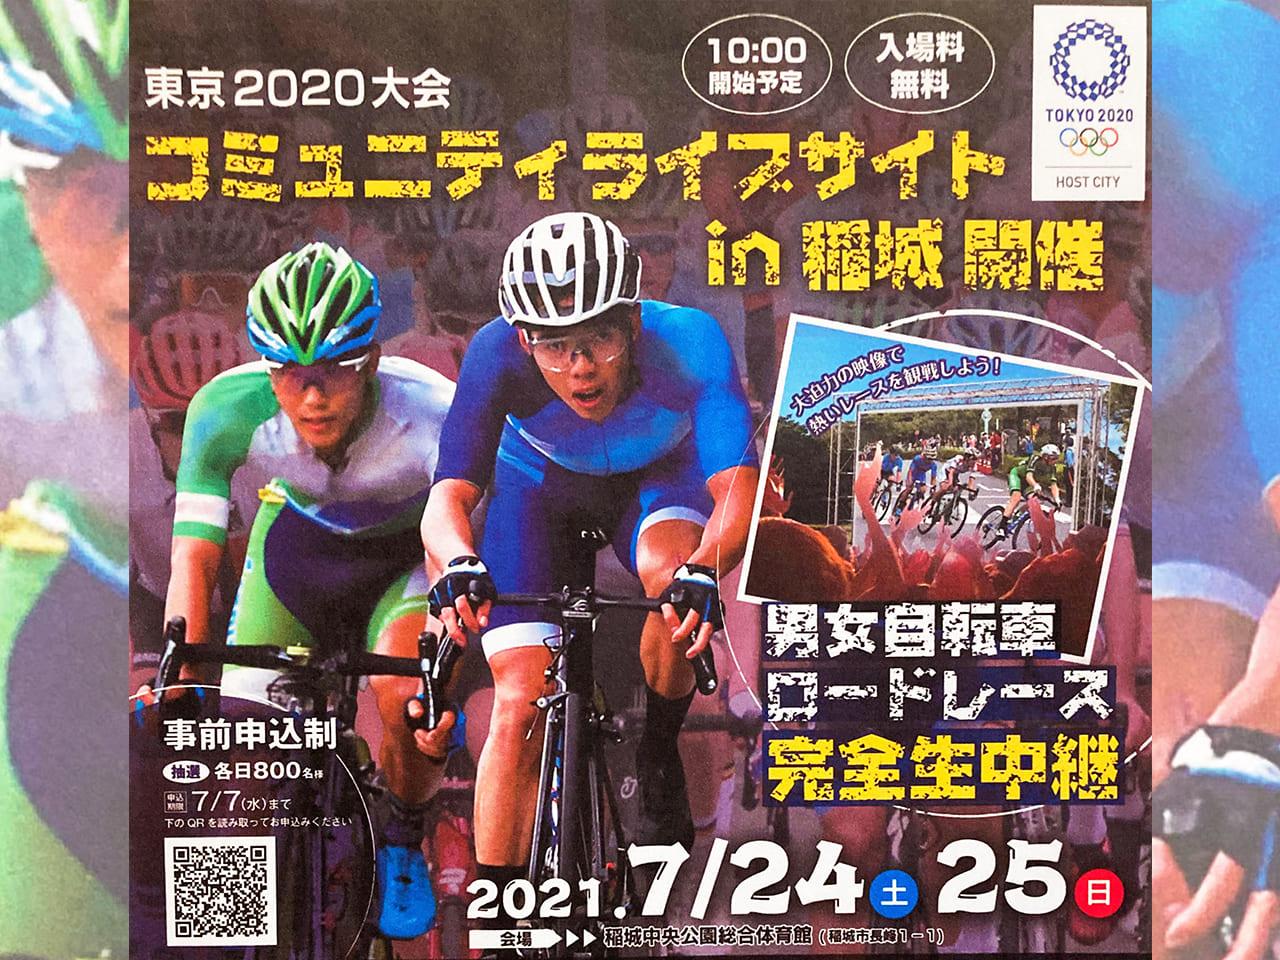 男女自転車ロードレースを完全生中継!東京2020大会コミュニティライブサイトin稲城が開催されます